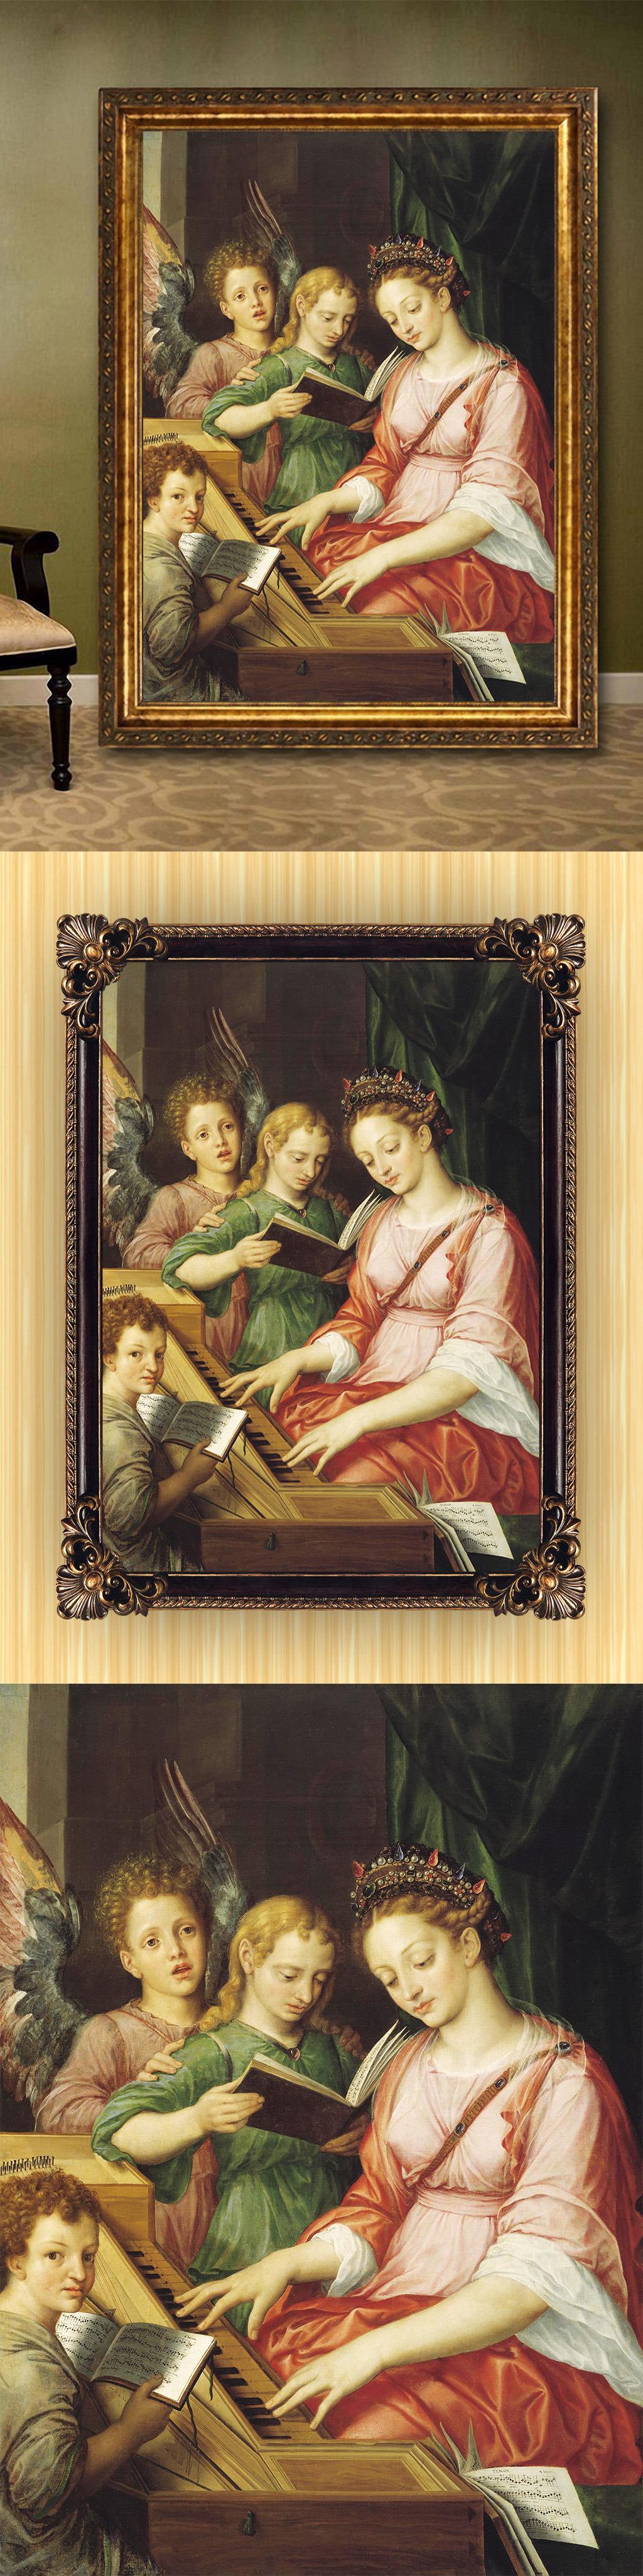 高清手绘欧式古典写实风格天使圣母油画